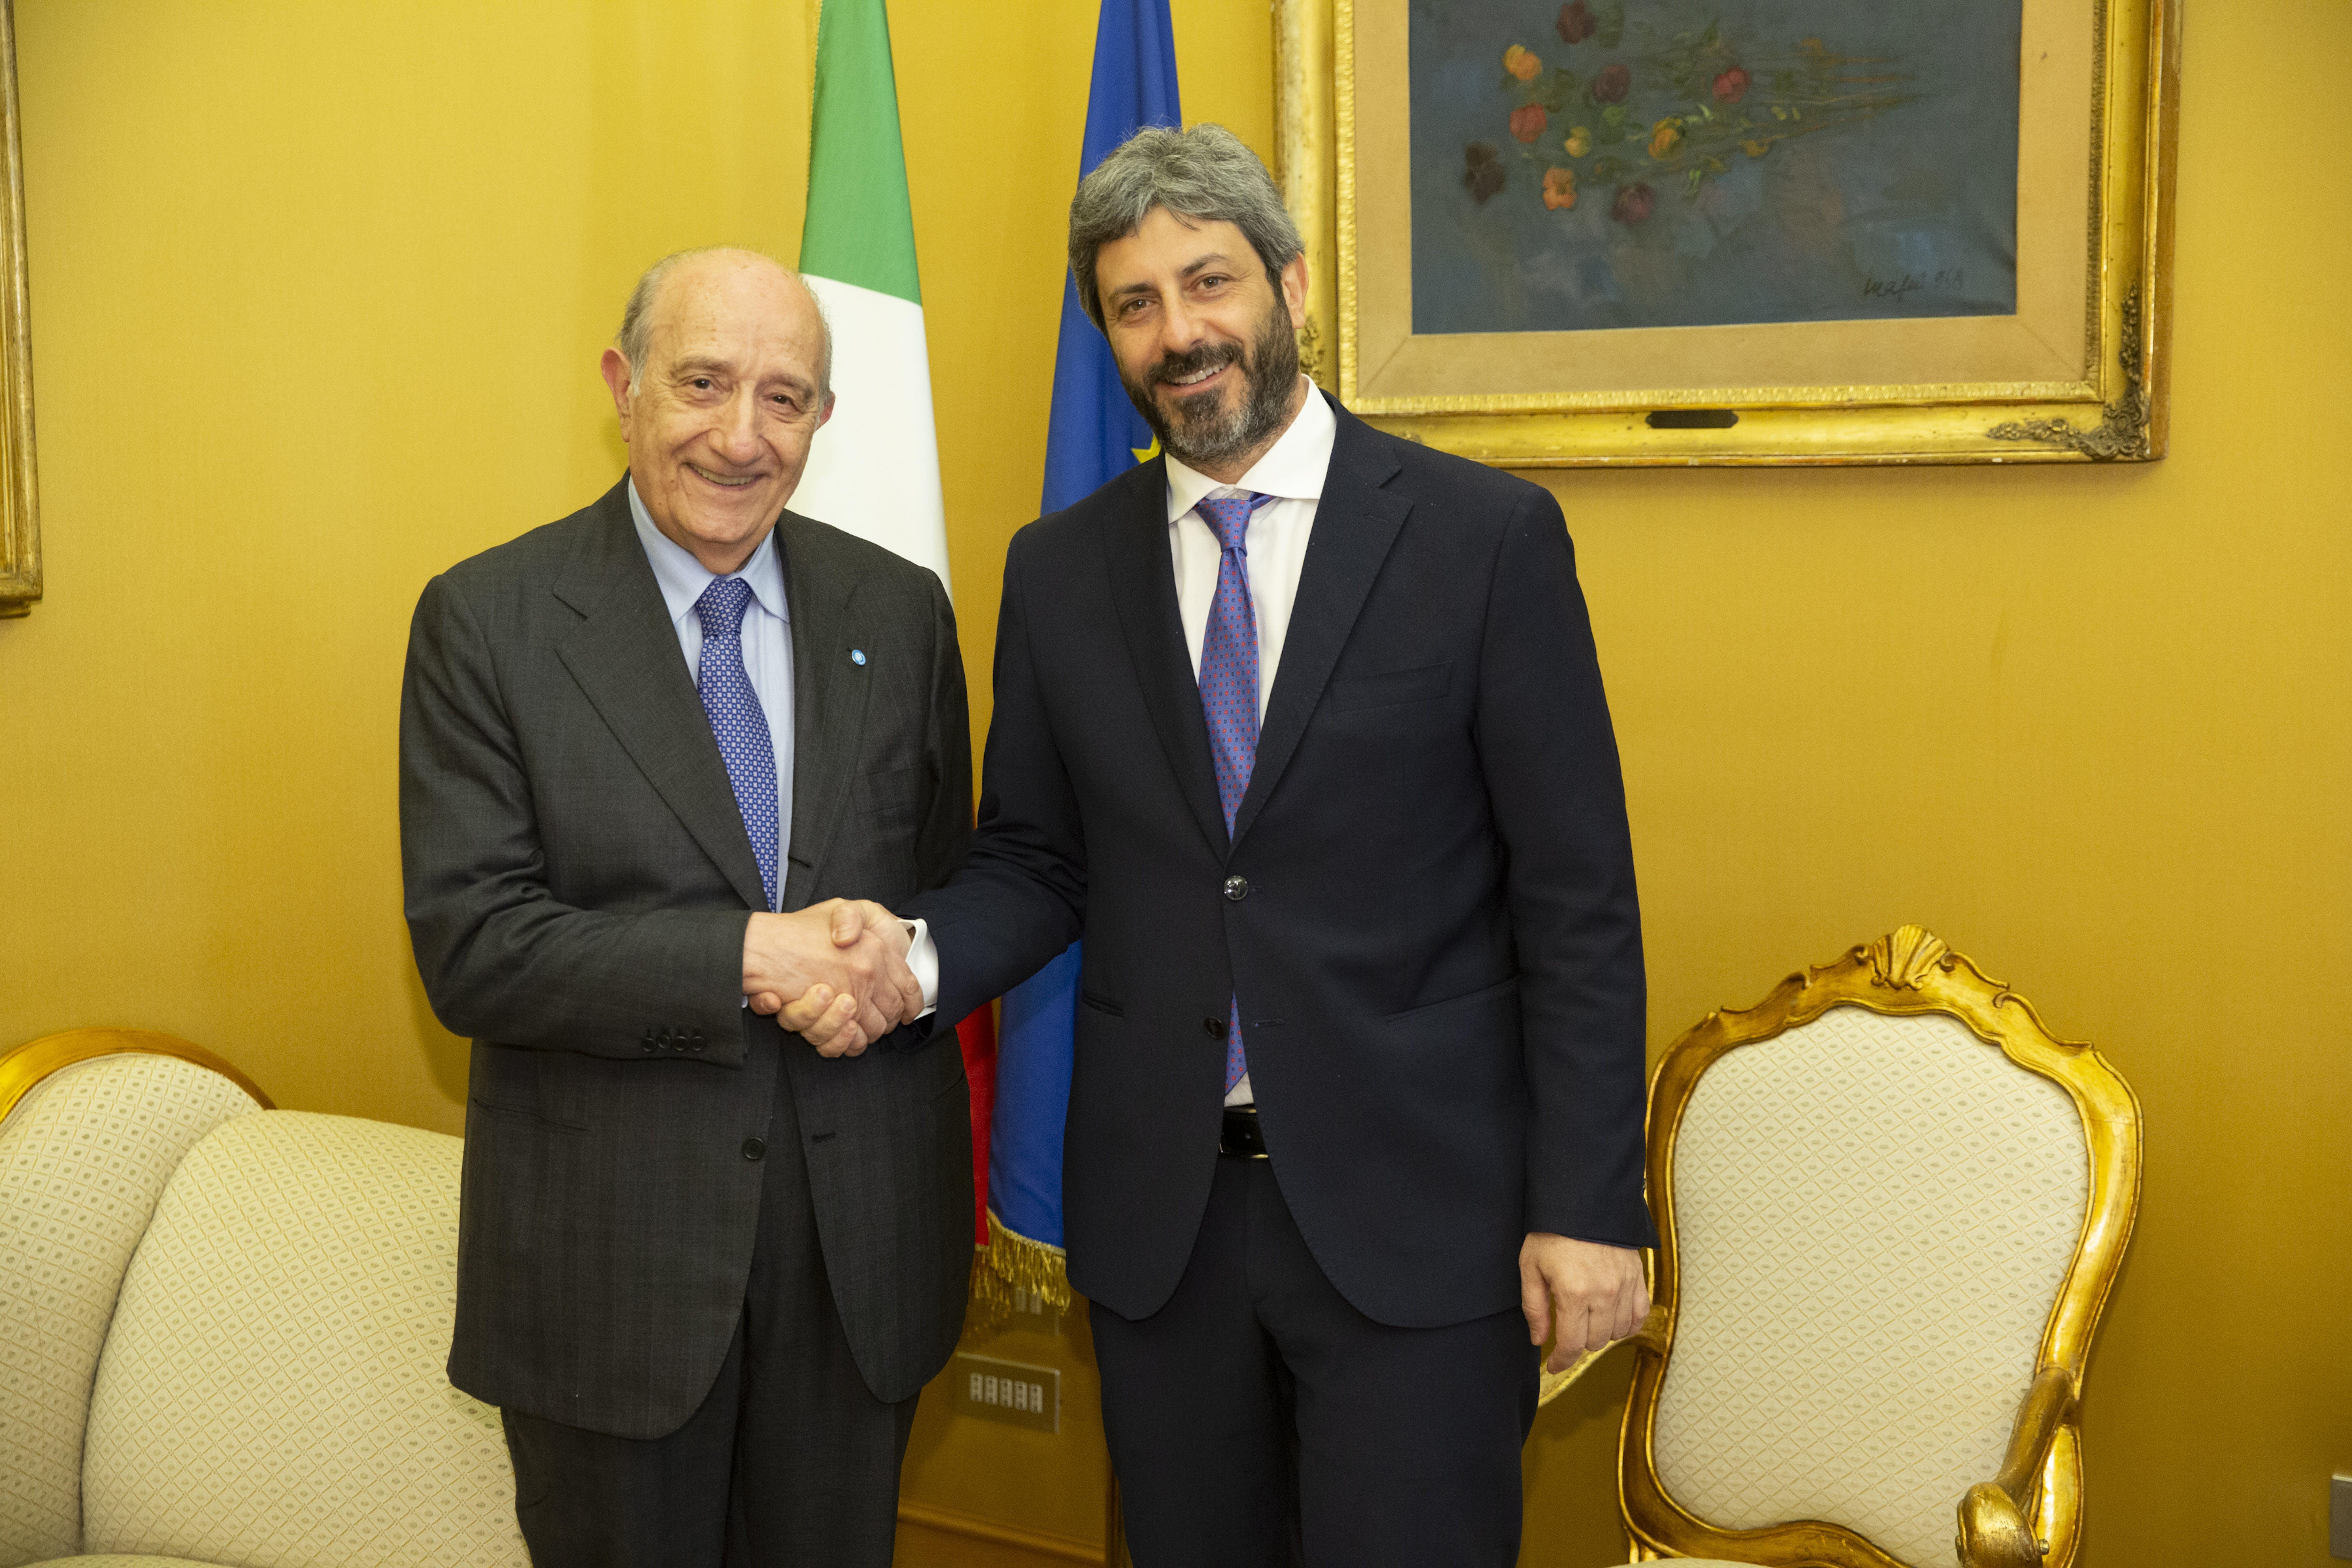 La stretta di mano tra il Presidente dell'UNICEF Italia Francesco Samengo e il Presidente della Camera dei Deputati Roberto Fico - ©UNICEF Italia/2019